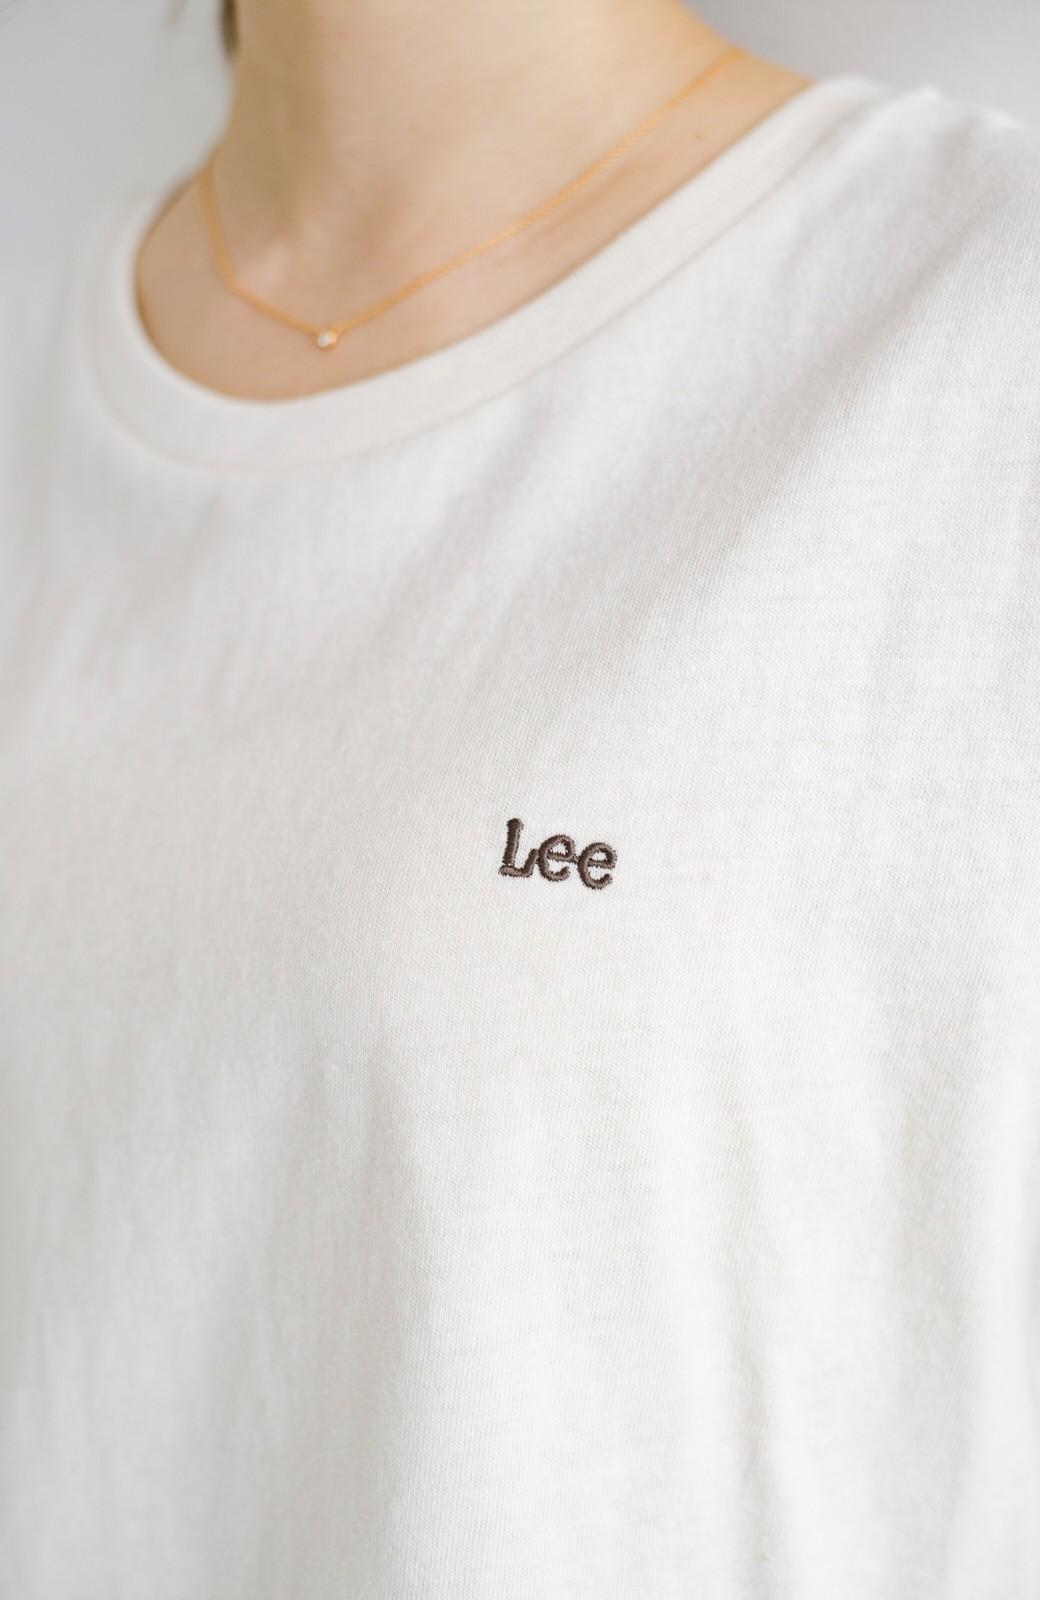 haco! LadyLee 古着のような風合いがかっこいい デニムにもスカートにも似合うロゴプリントTシャツ <アイボリー>の商品写真5